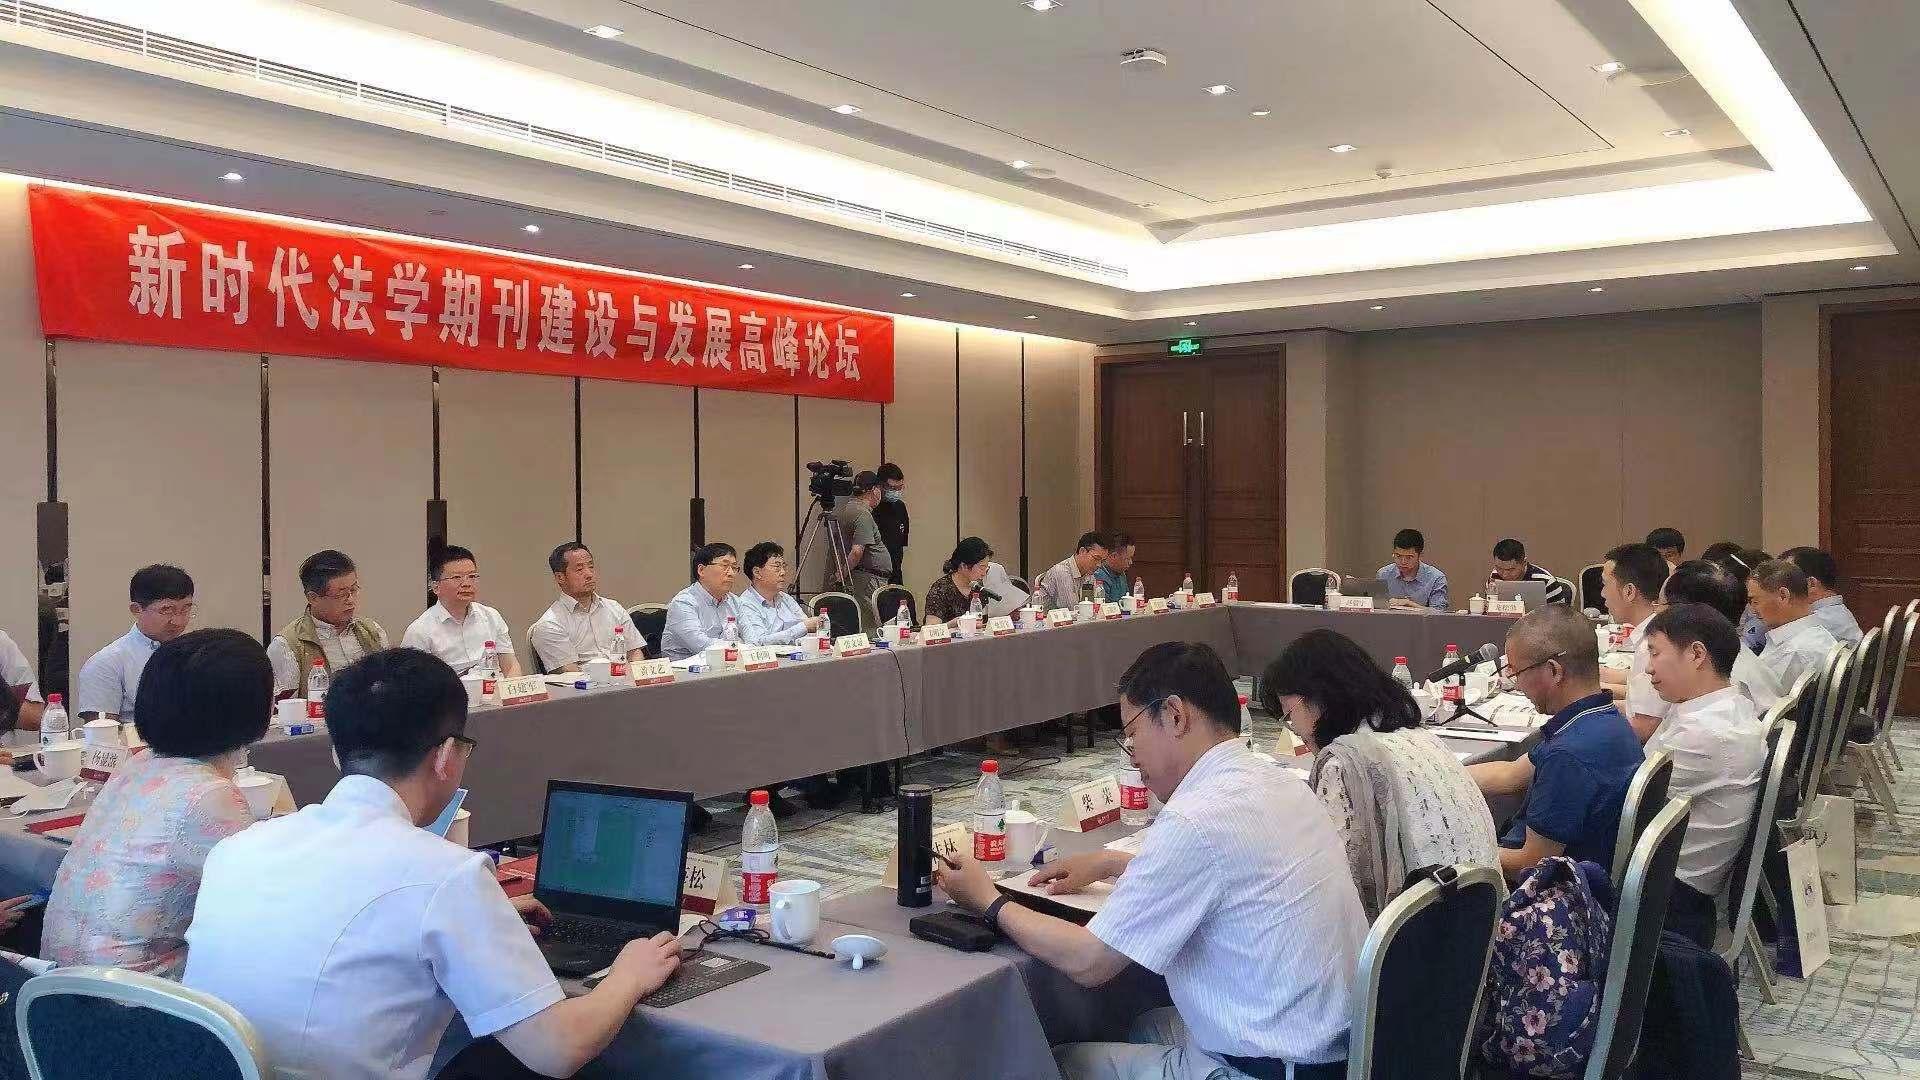 《湖湘法学评论》创刊研讨会举行